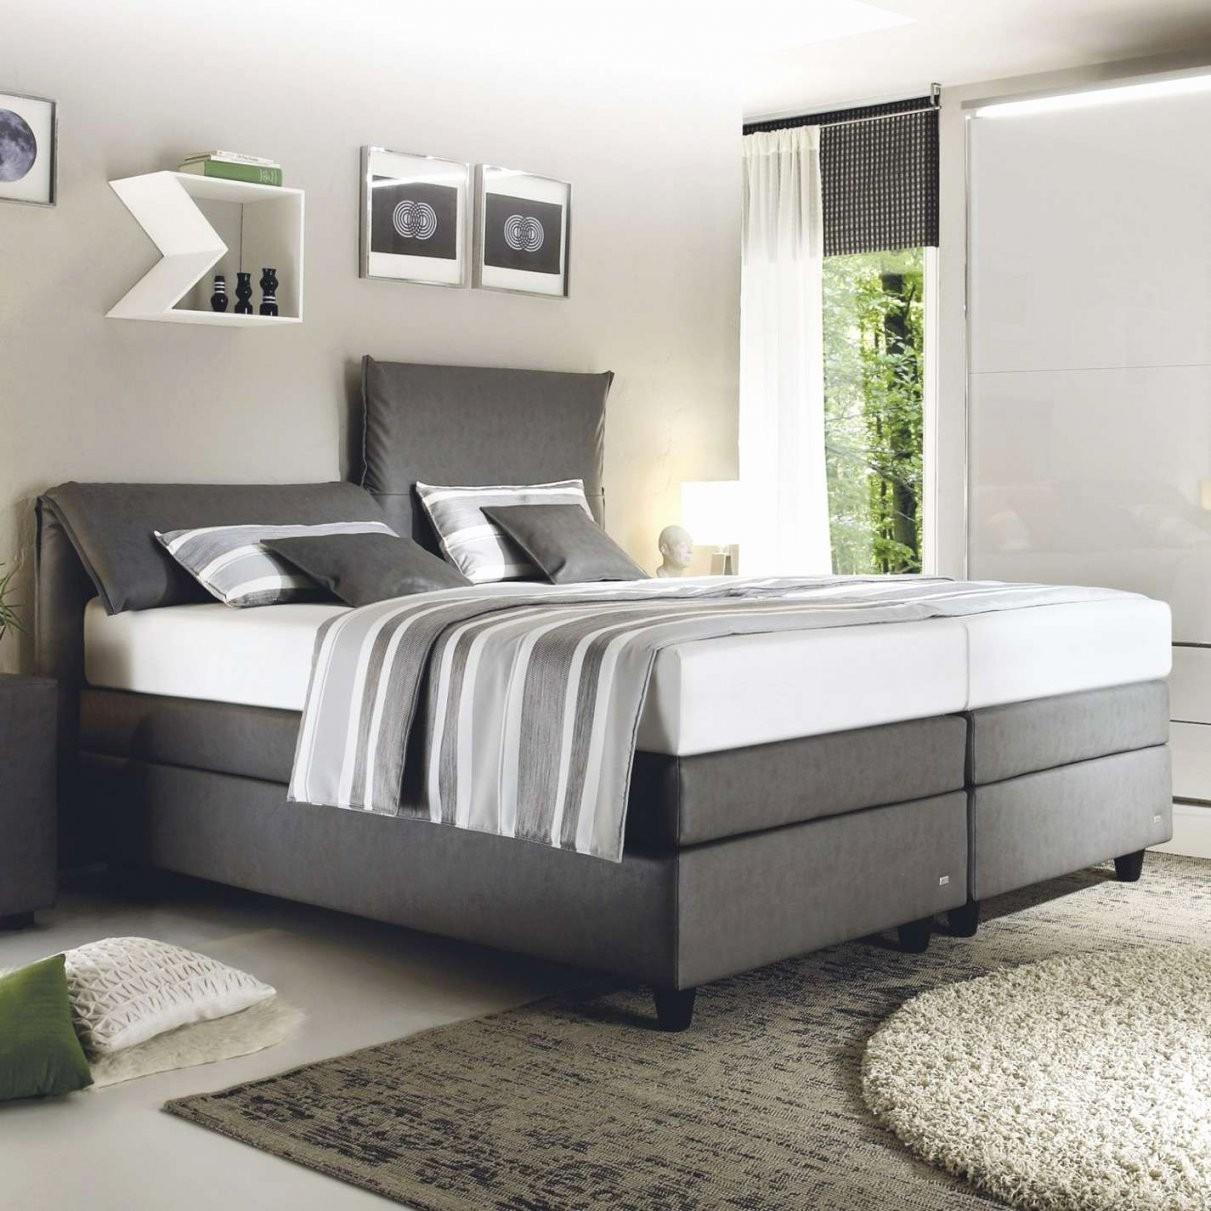 Ruf Betten Preisliste Das Beste Von Ruf Bett Casa  Njufoc von Ruf Betten Matratzen Photo